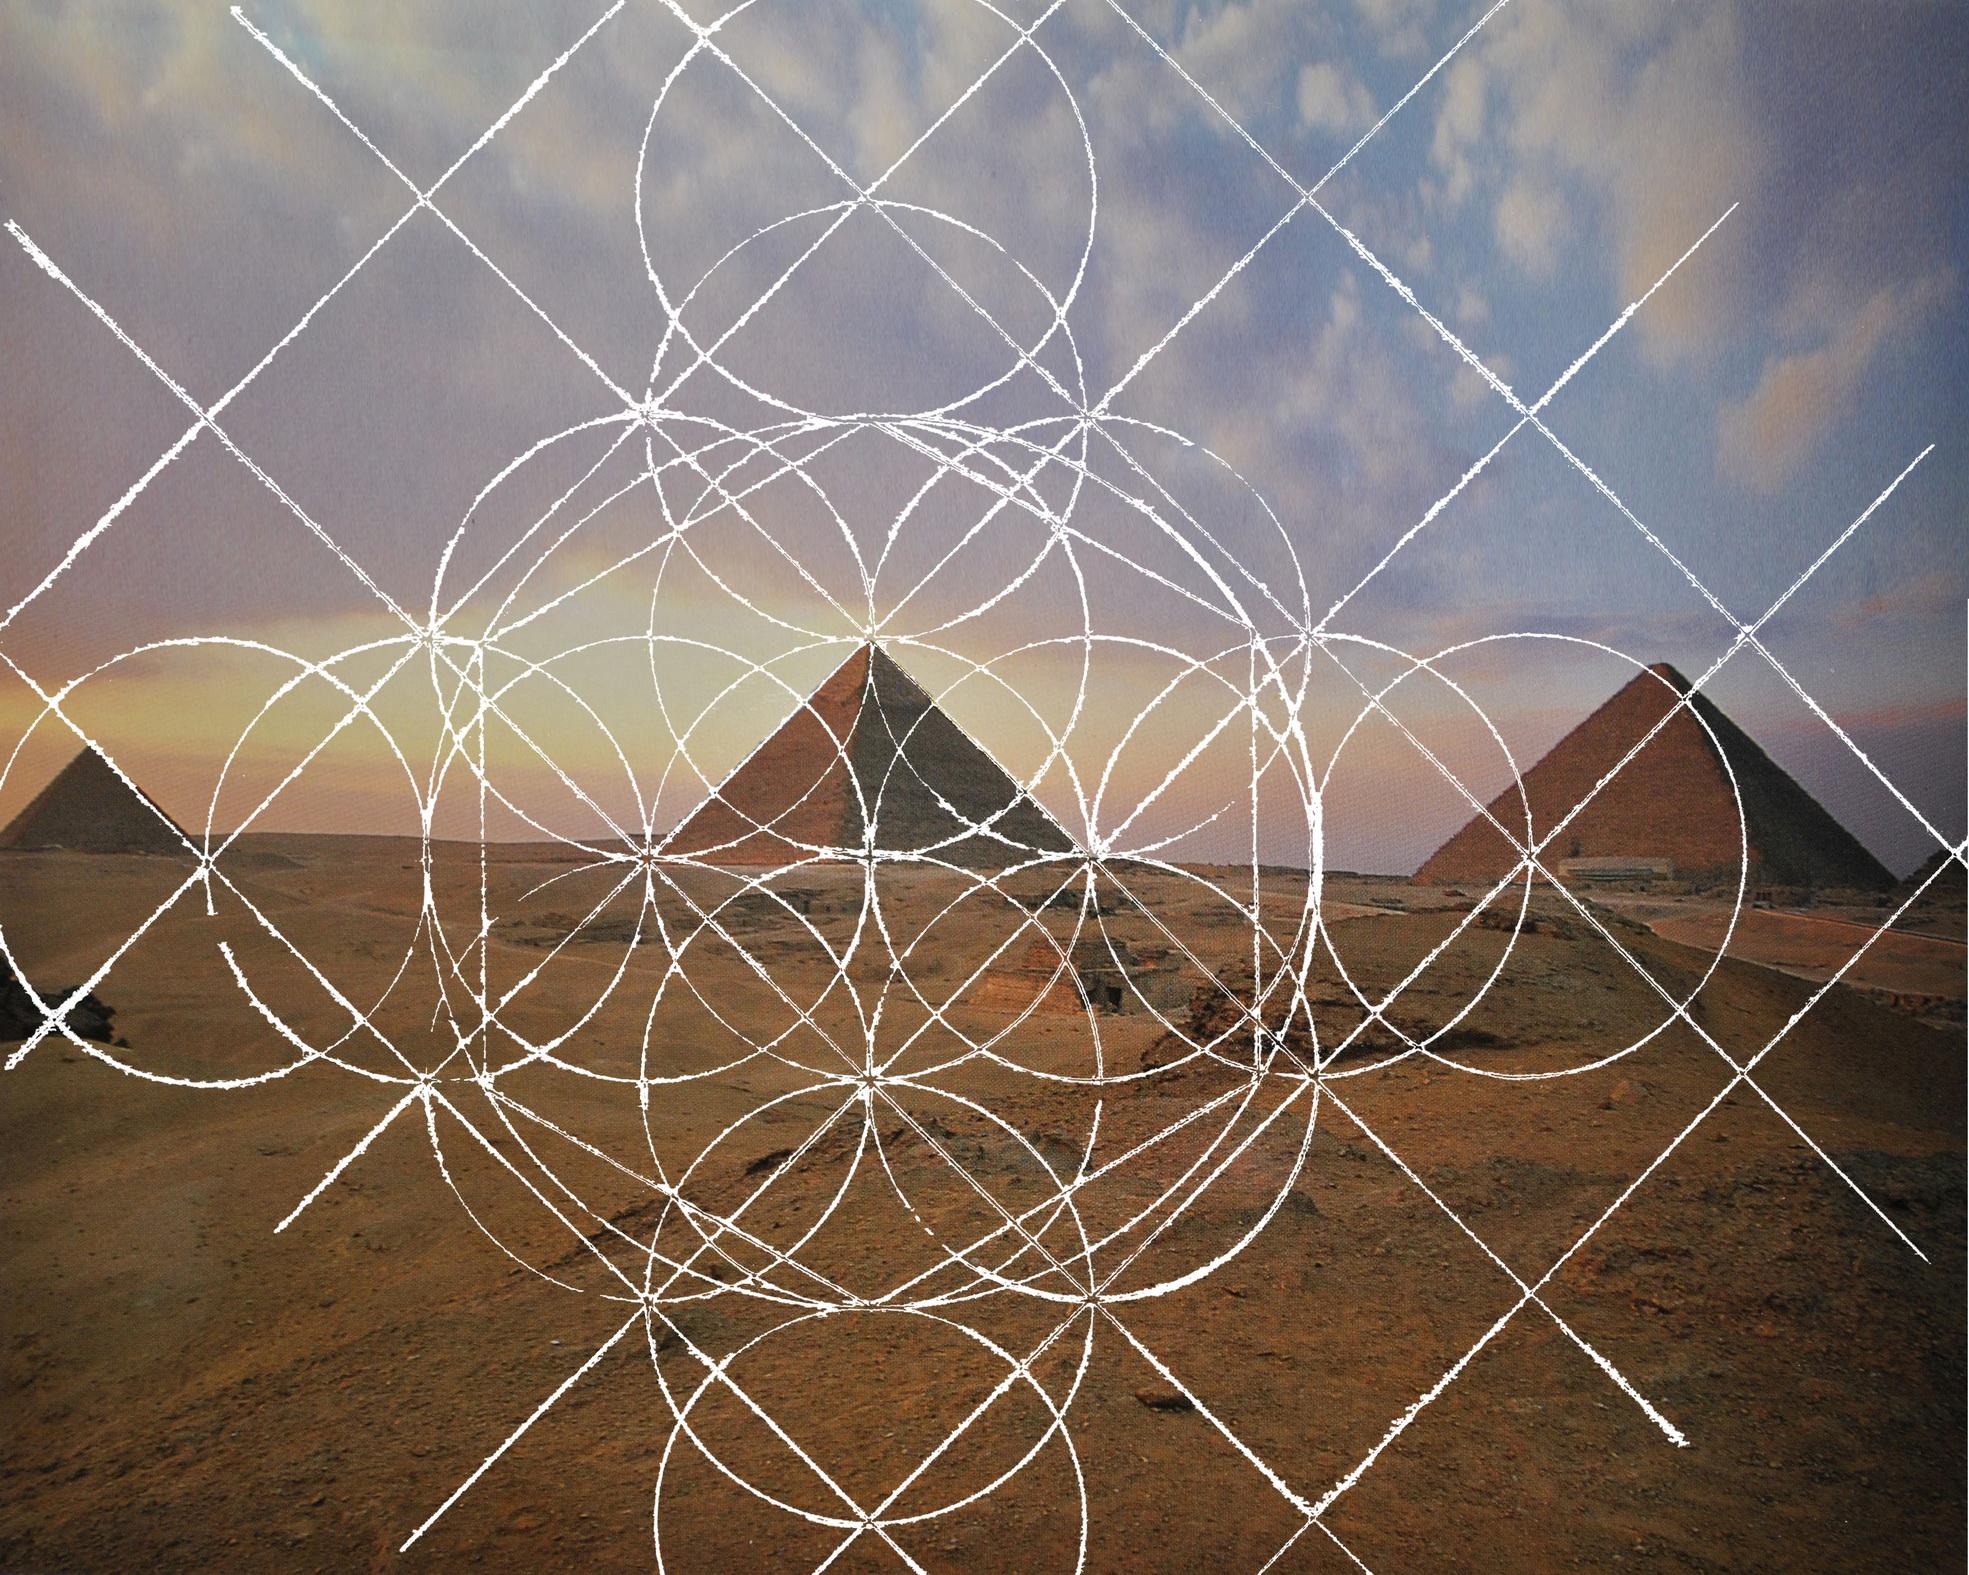 piramis_01_kellerdiana